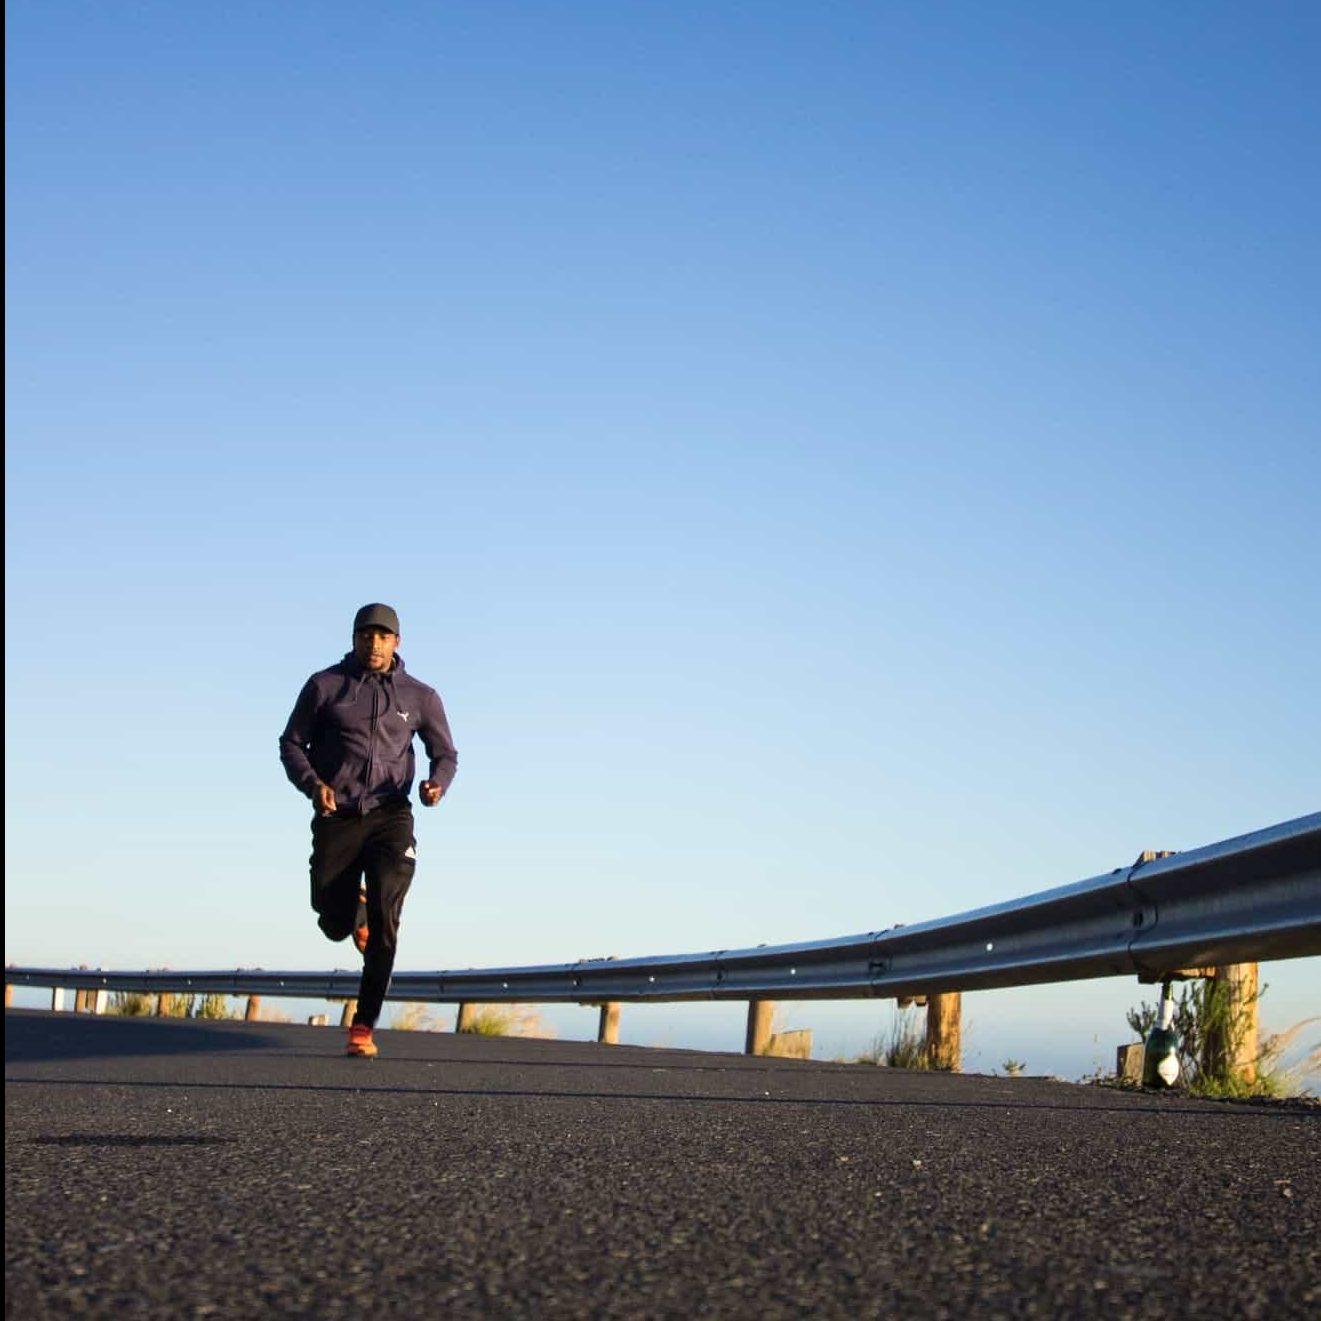 Runner on a morning jog